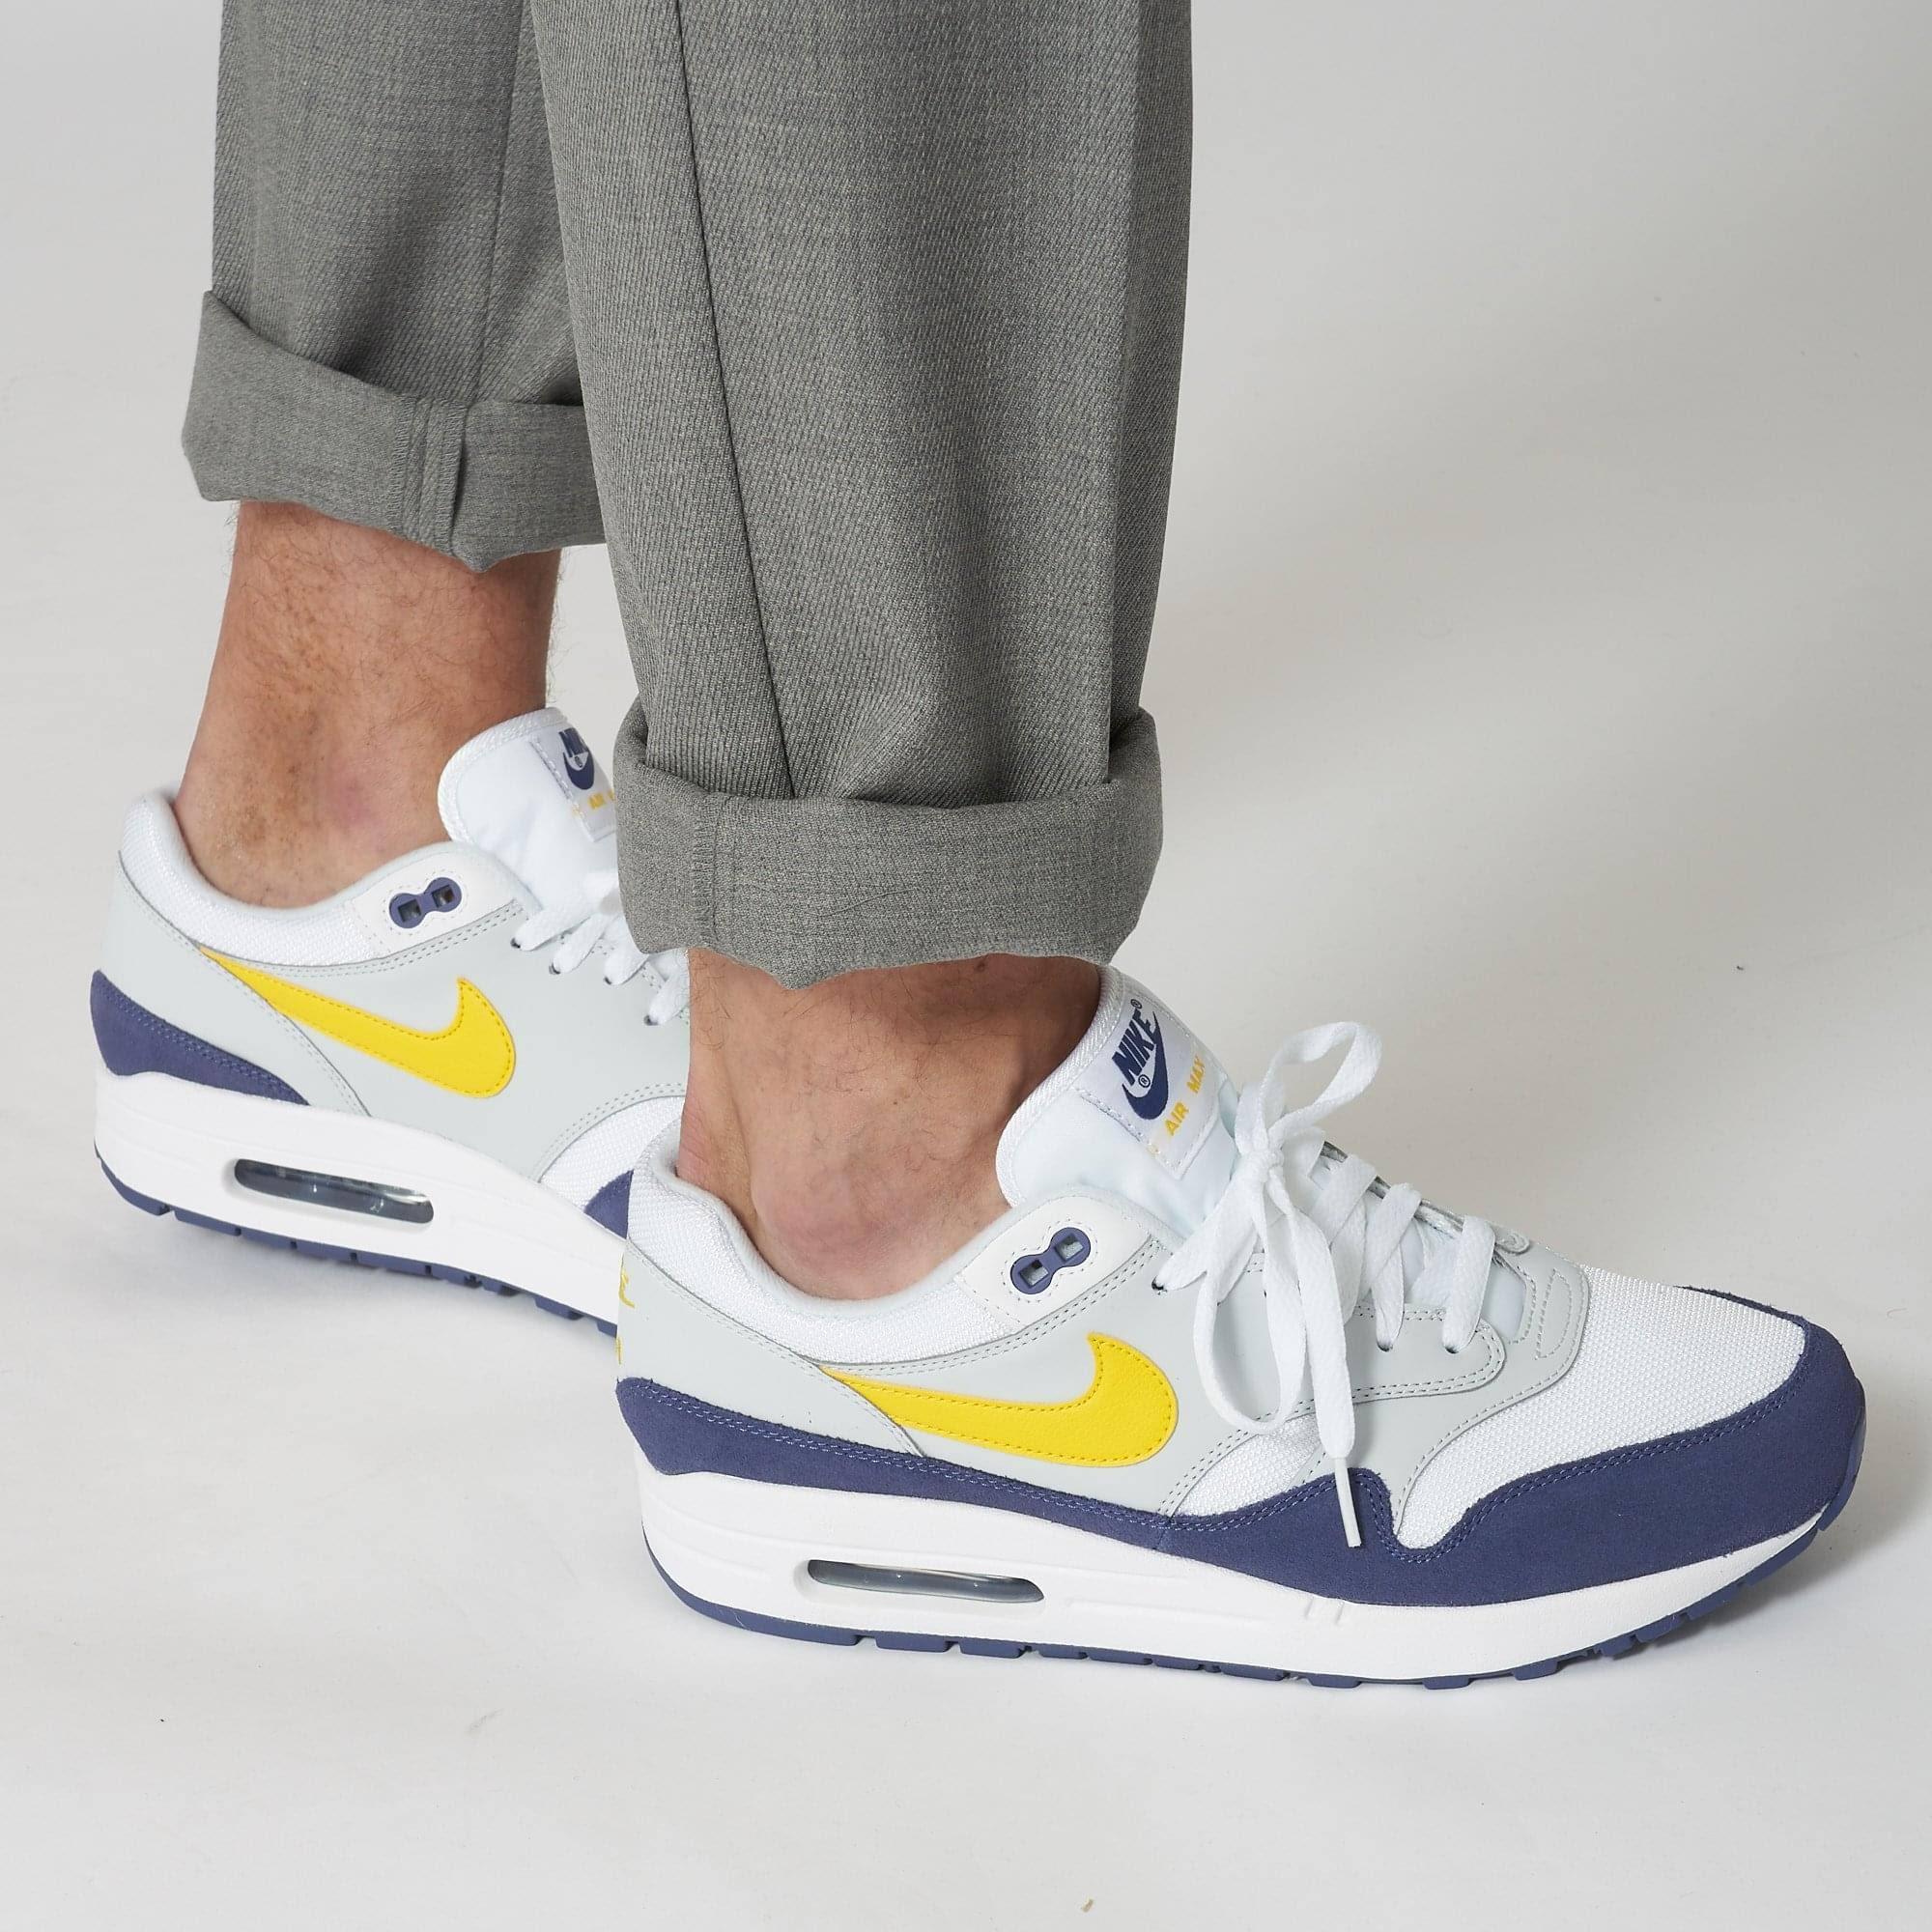 Blanco Zapatos Amarillo 5 Para Tour Tamaño Azul Nike Hombre Recall 1 Max 10 Air Ah8145105 qTnz74UvW